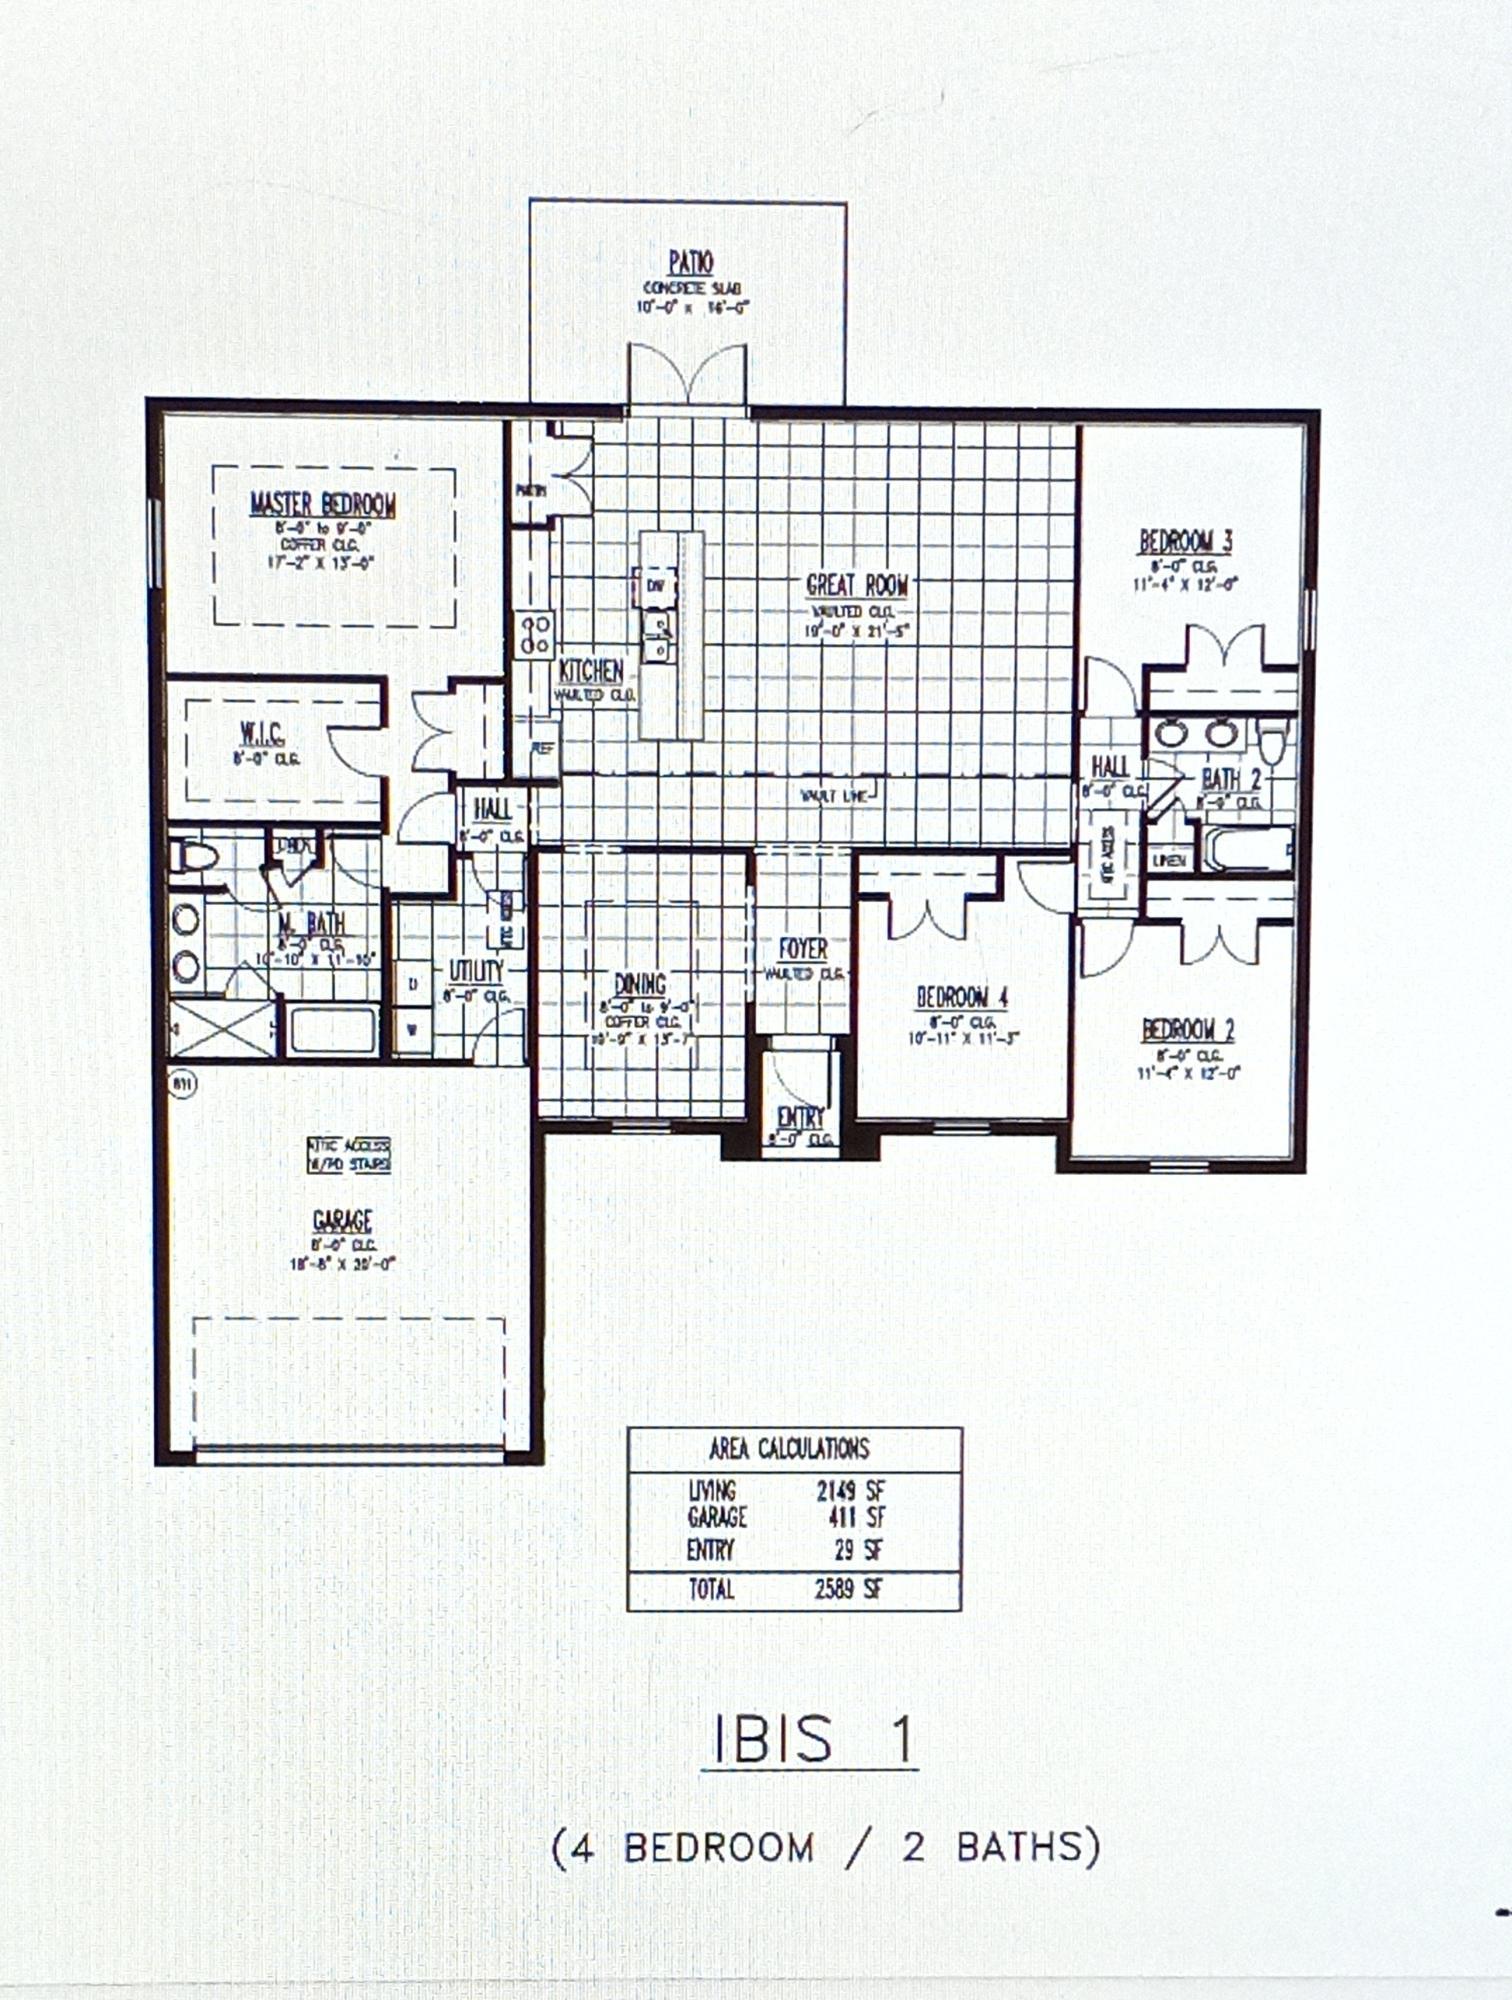 12946 63rd Lane The Acreage, FL 33470